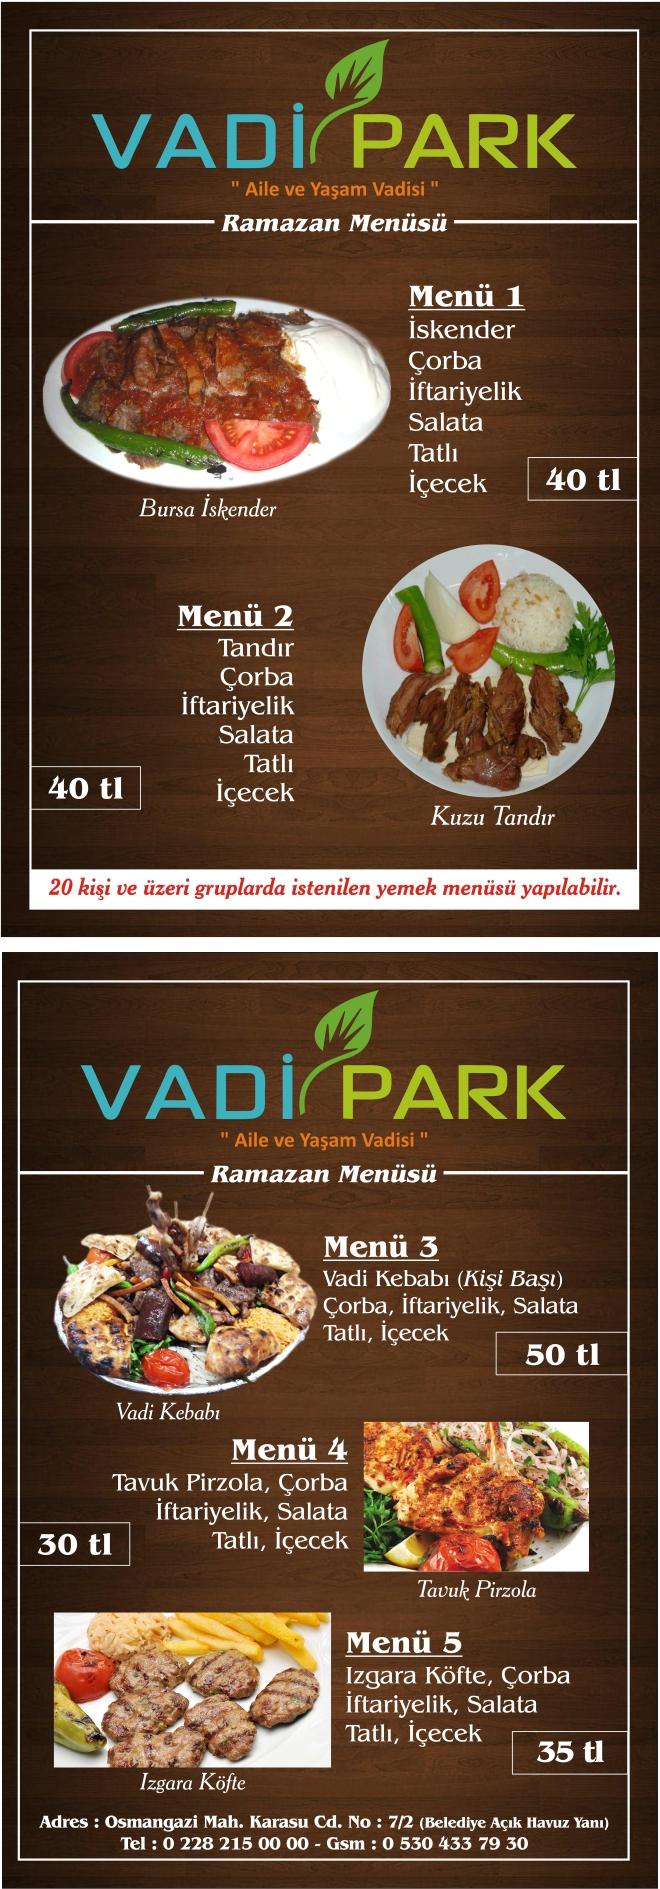 vadi-park-reklam.jpg